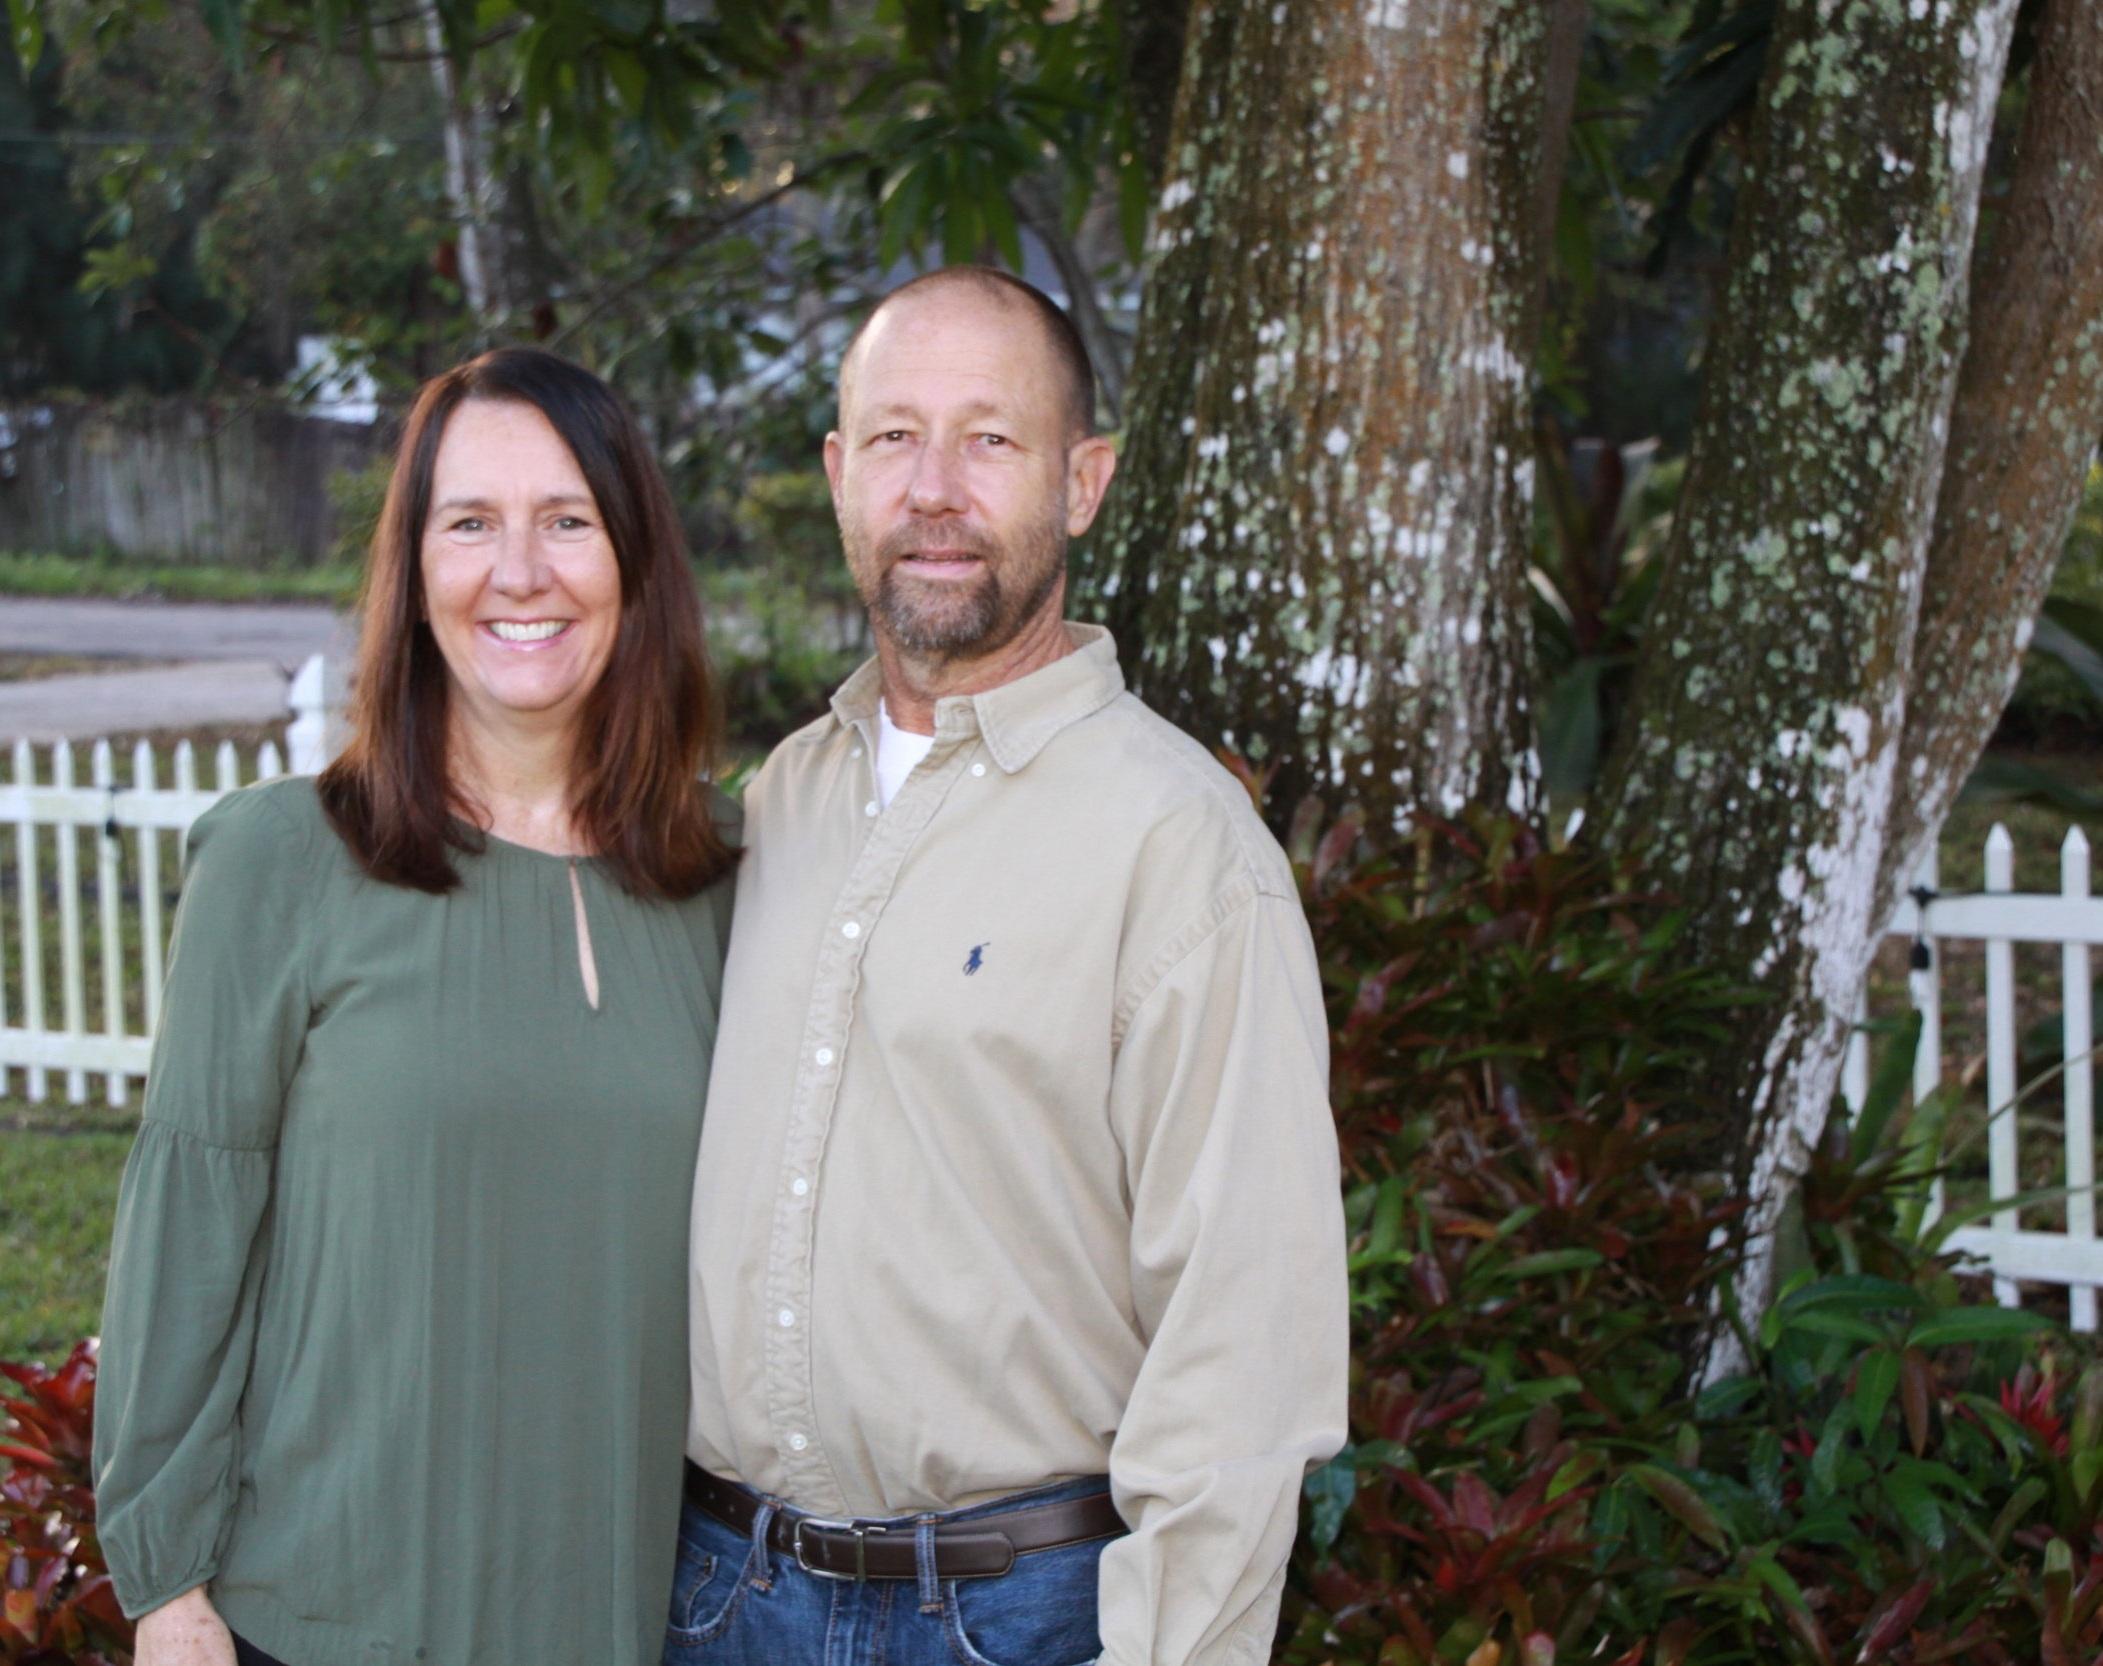 David & Pennie Richwine – Founders/Directors, Pastors of Open Door House of Prayer in Fort Pierce, Florida.